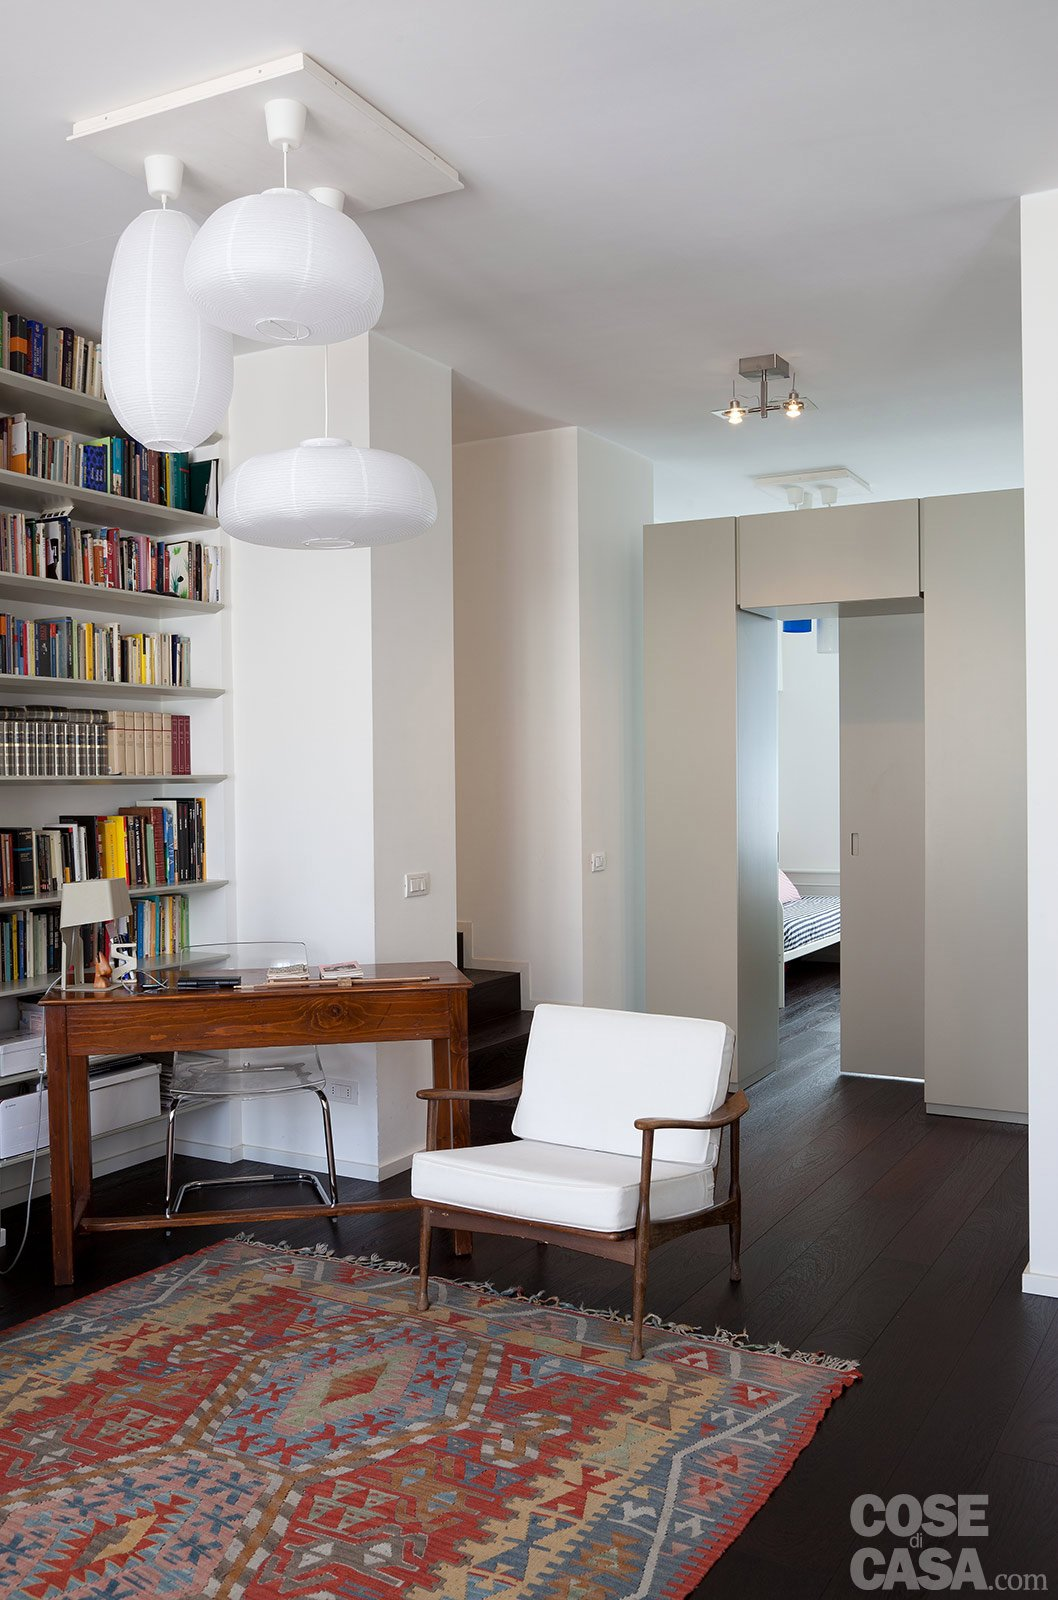 70 mq la casa migliora cos cose di casa for Arredare l entrata di casa